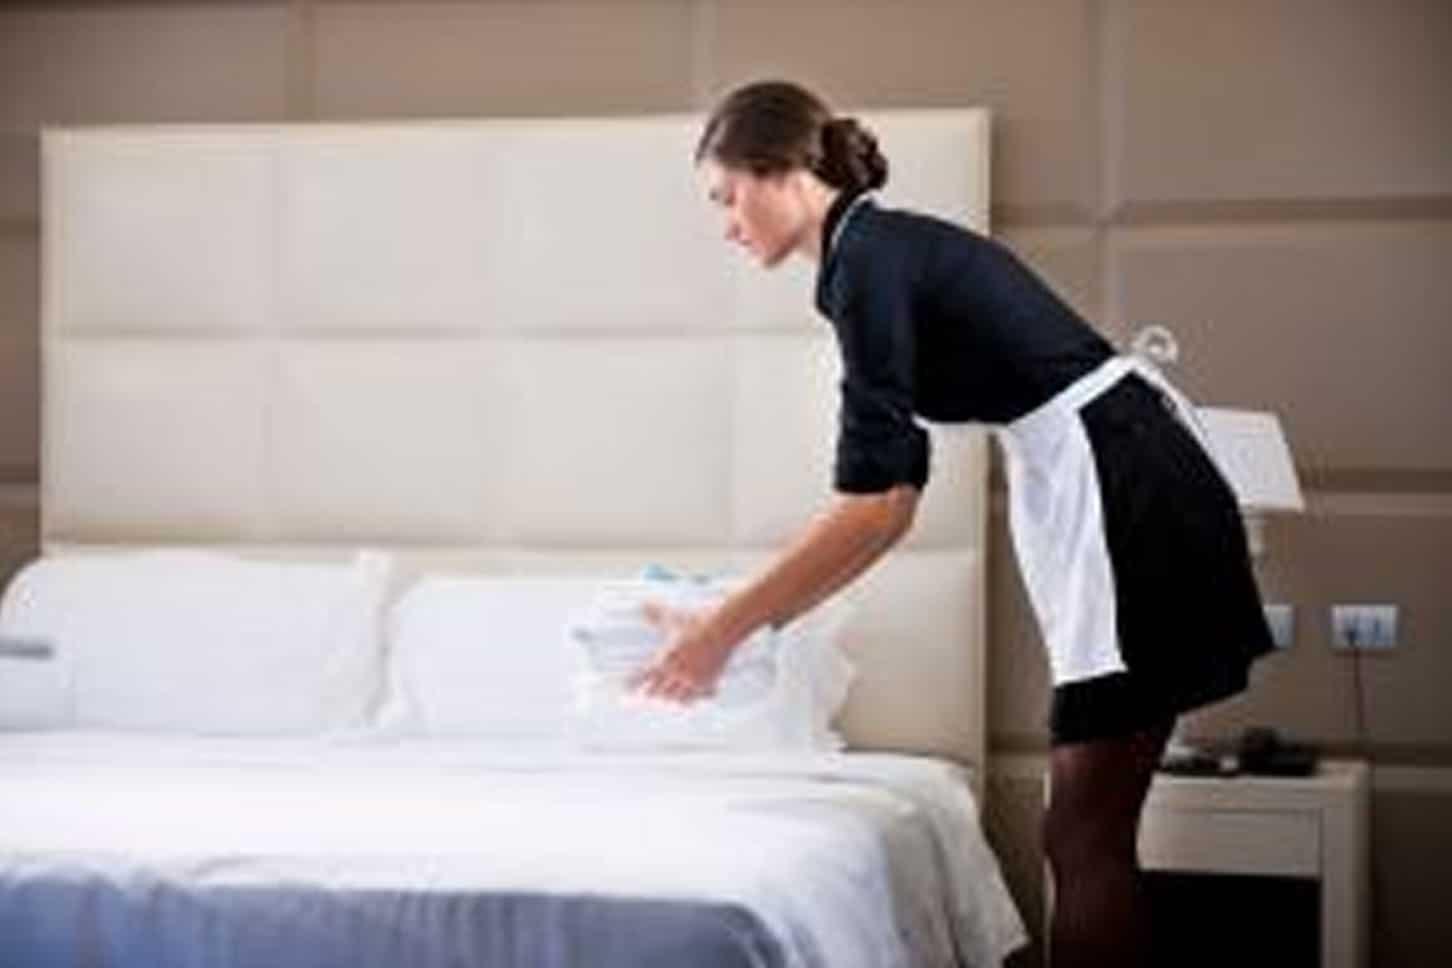 hora-extra-e-adicional-noturno-para-domesticas-como-funciona